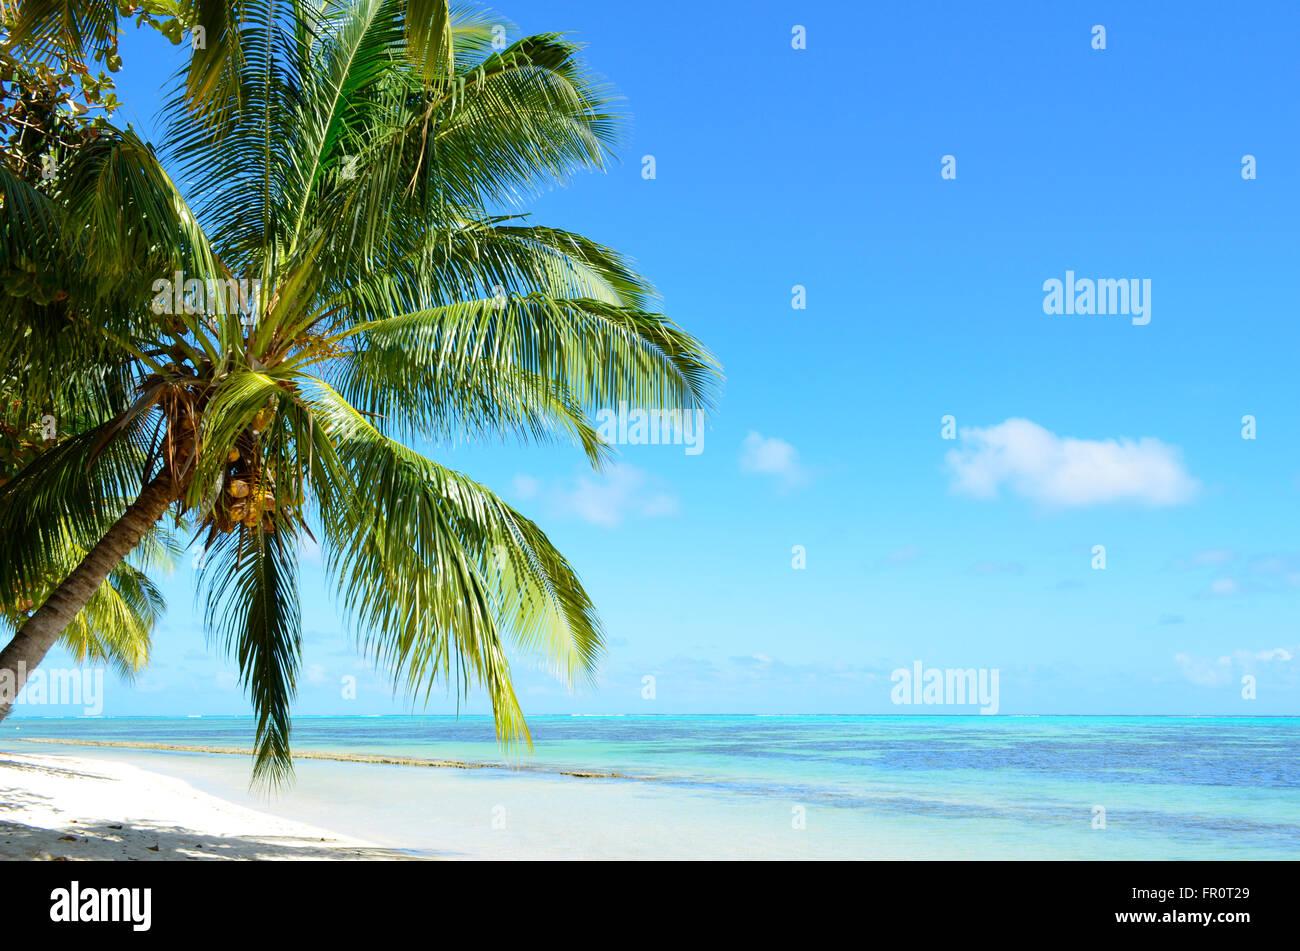 Una noce di cocco Palm tree su un tropicale di spiaggia di sabbia bianca con un mare blu di Moorea, isola dell'arcipelago Immagini Stock